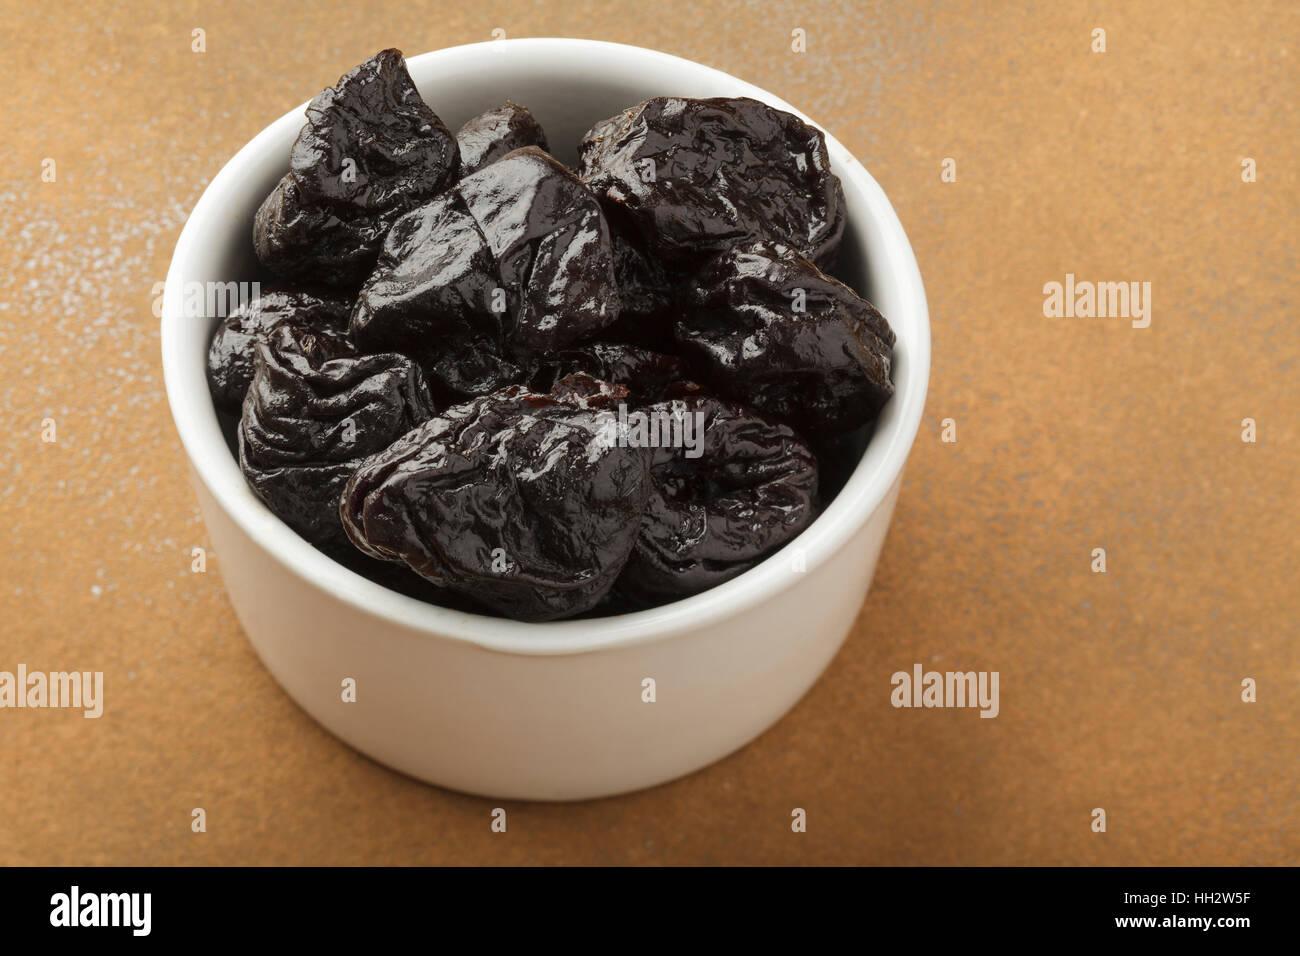 Les pruneaux dans un bol blanc Photo Stock